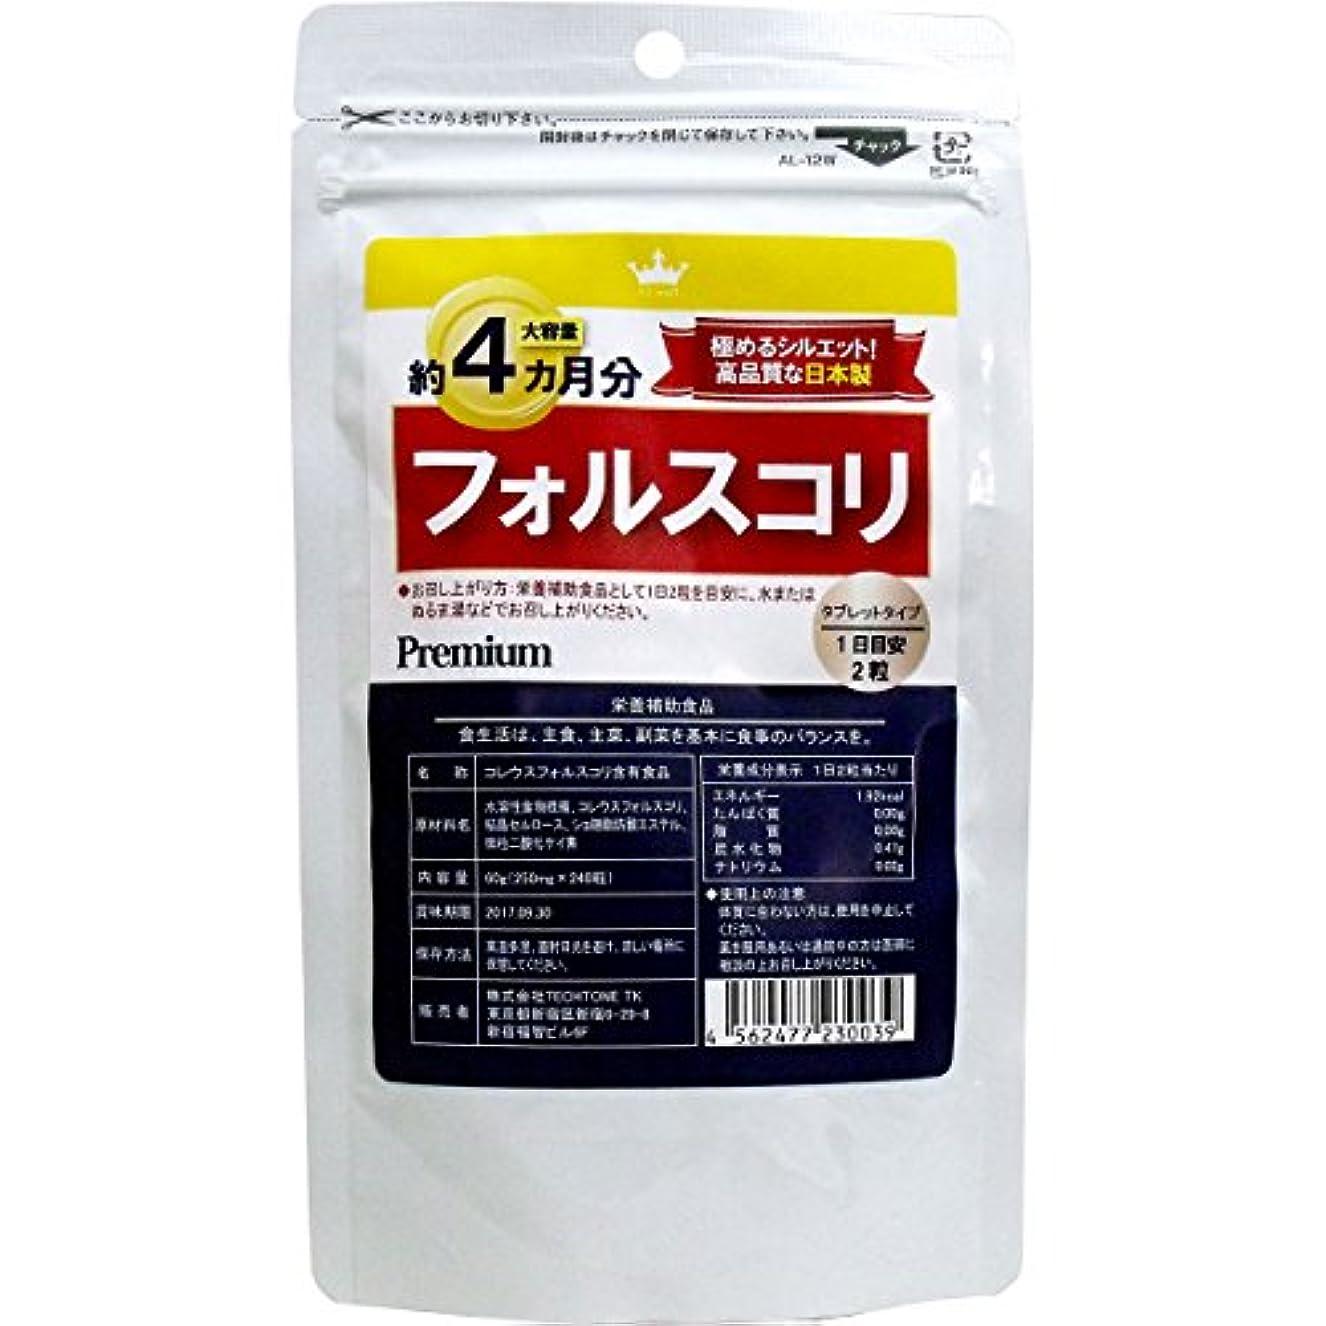 隔離するクレーン太いサプリ 高品質な日本製 話題の フォルスコリ 約4カ月分 240粒入【5個セット】